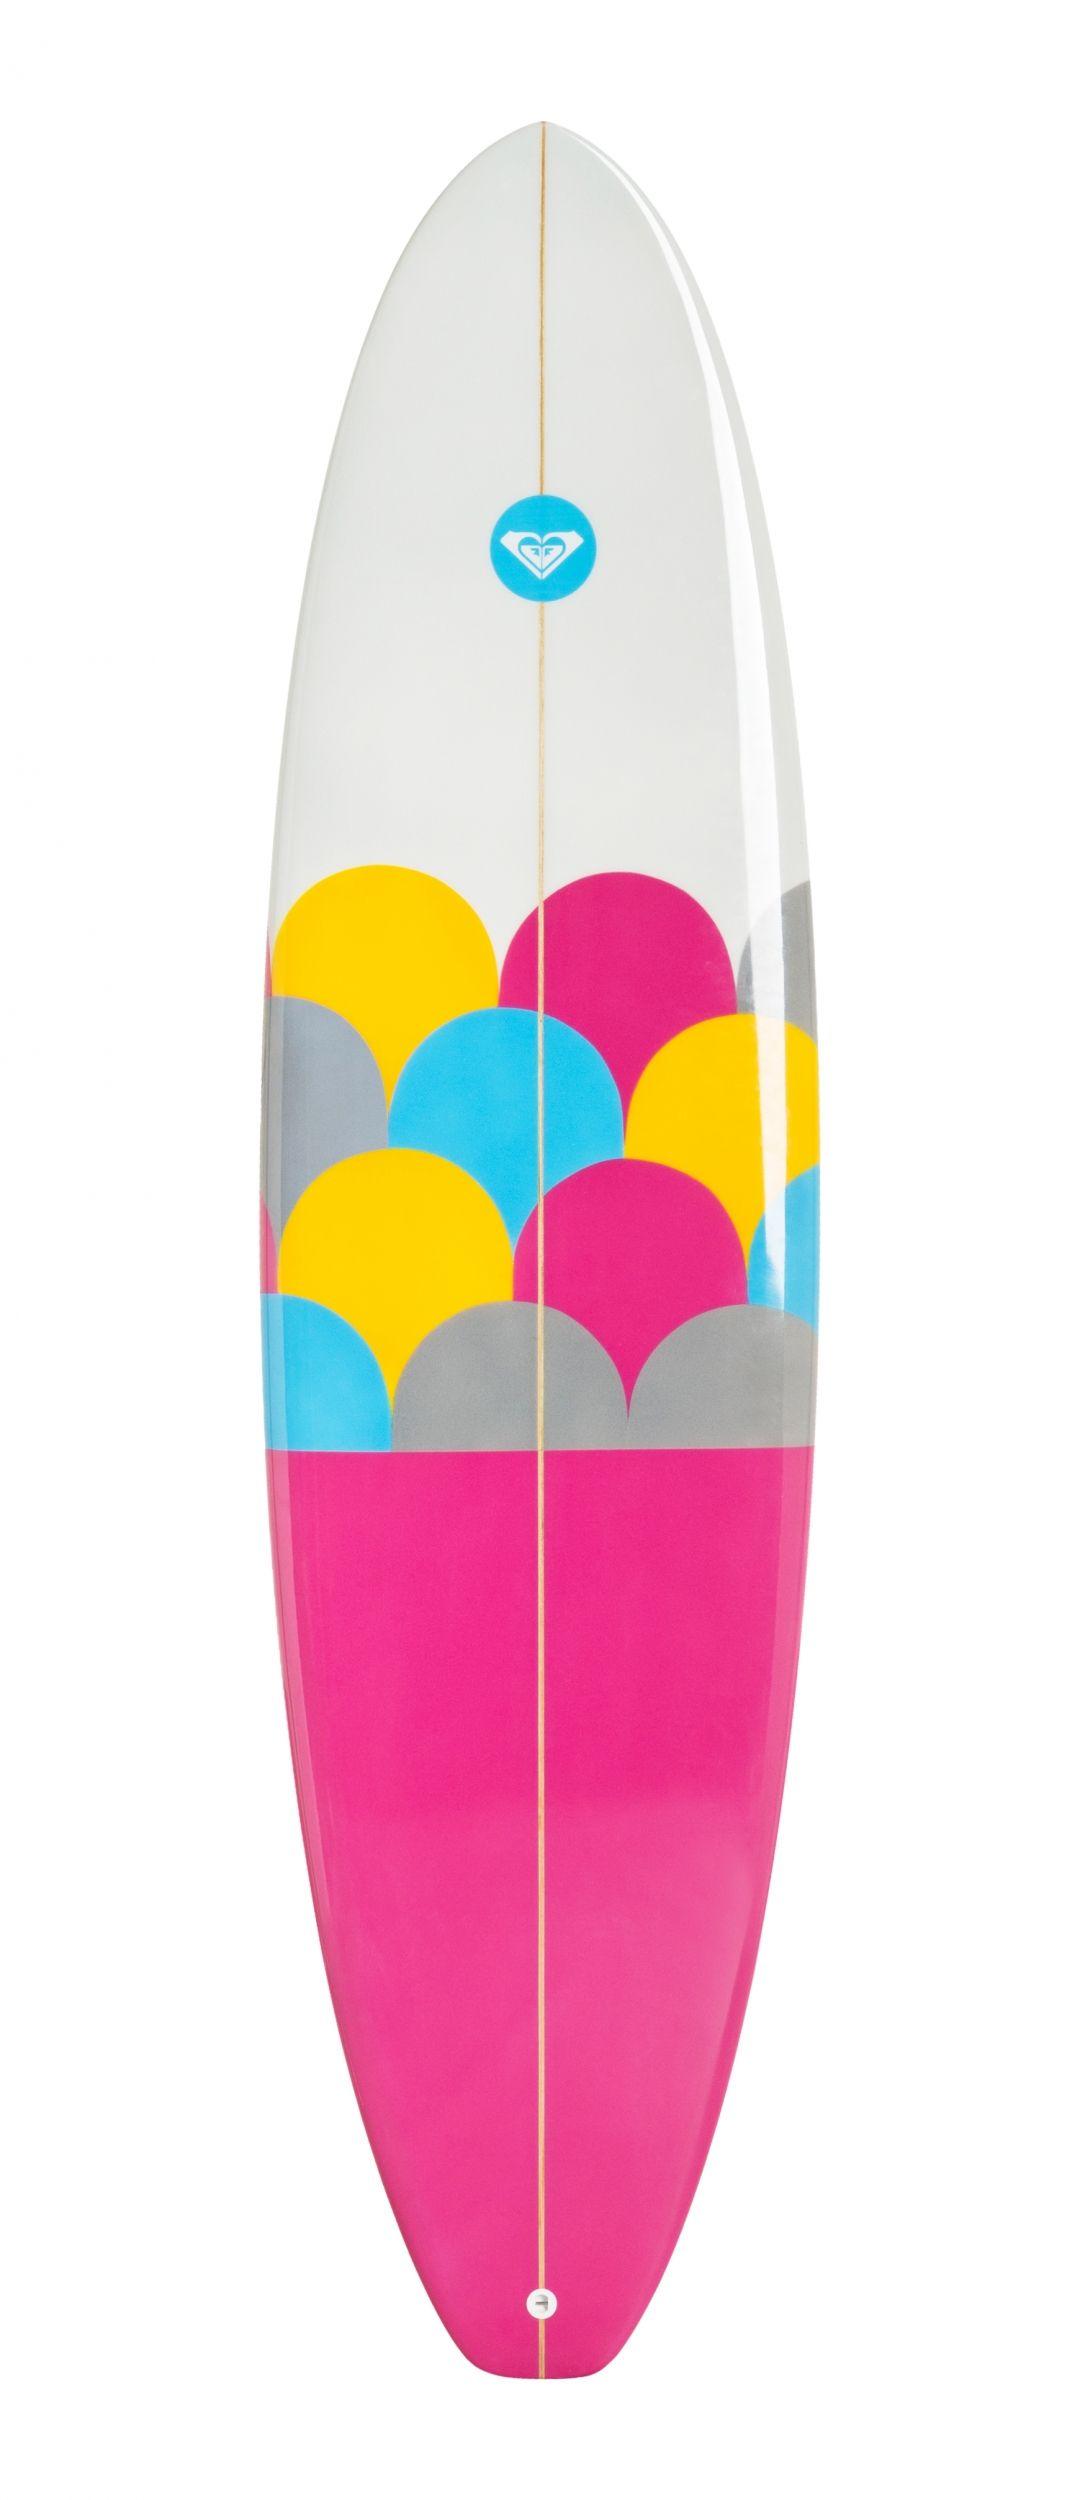 https://s-media-cache-ak0.pinimg.com/originals/7e/61/18/7e6118acbf50d1f08a3072d6874f5dd1.jpg Quiksilver Surfboards